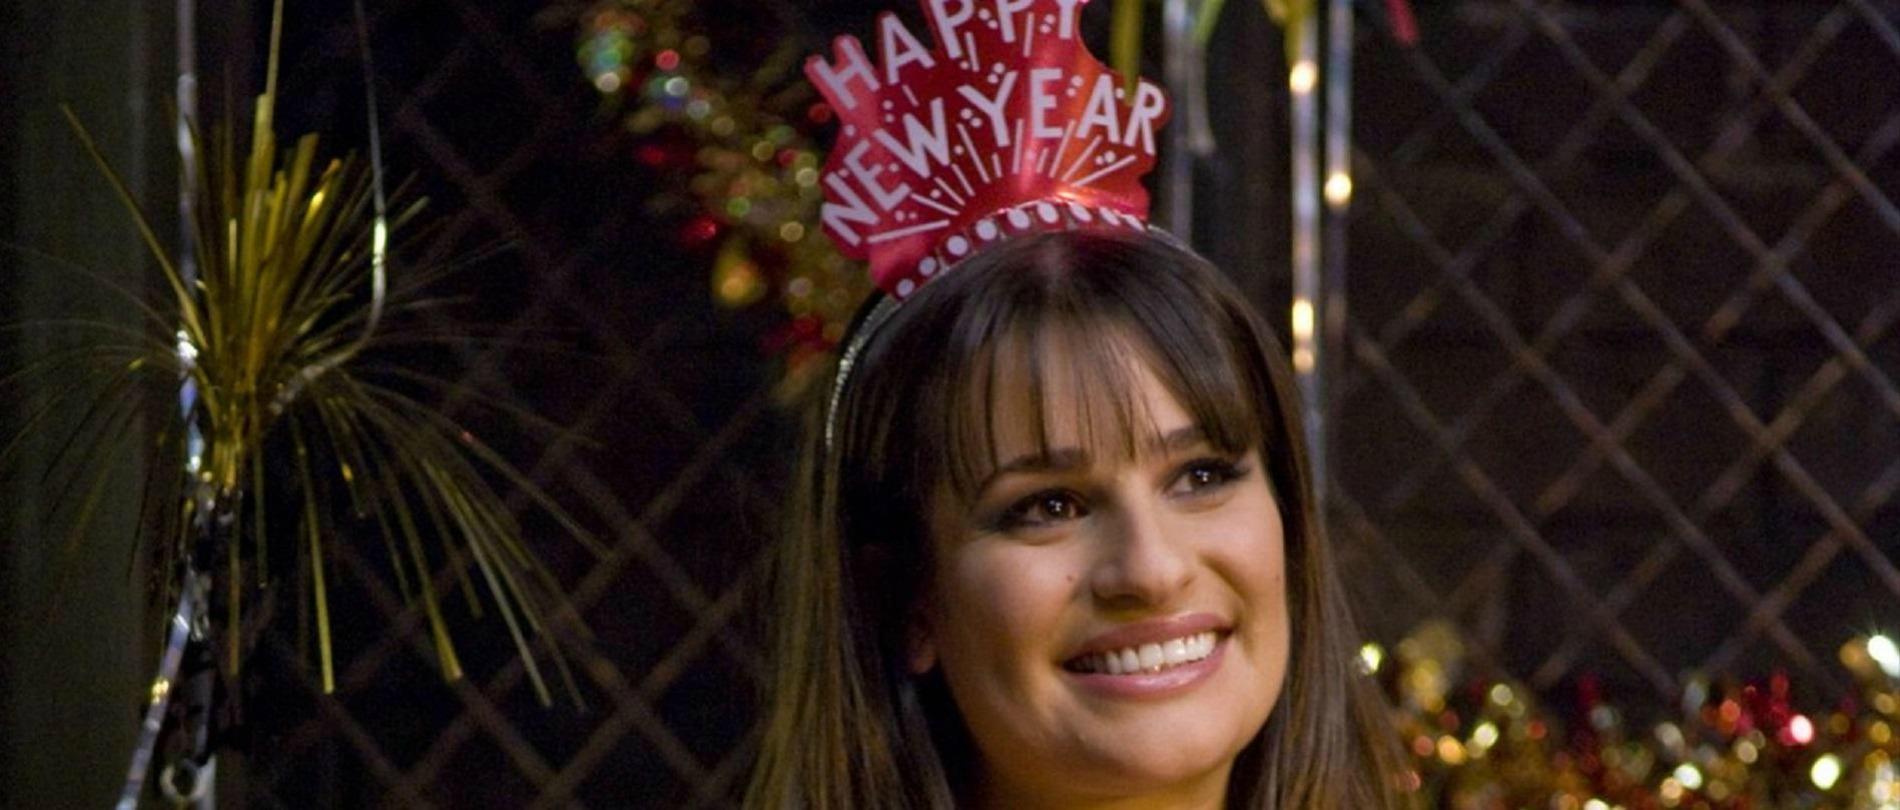 ff0f5dde6c Comment s'habiller festif sans passer pour celle qui «a mis le paquet» pour  le réveillon du Nouvel An ? (L'actrice Lea Michele dans le film Happy New  Year.)